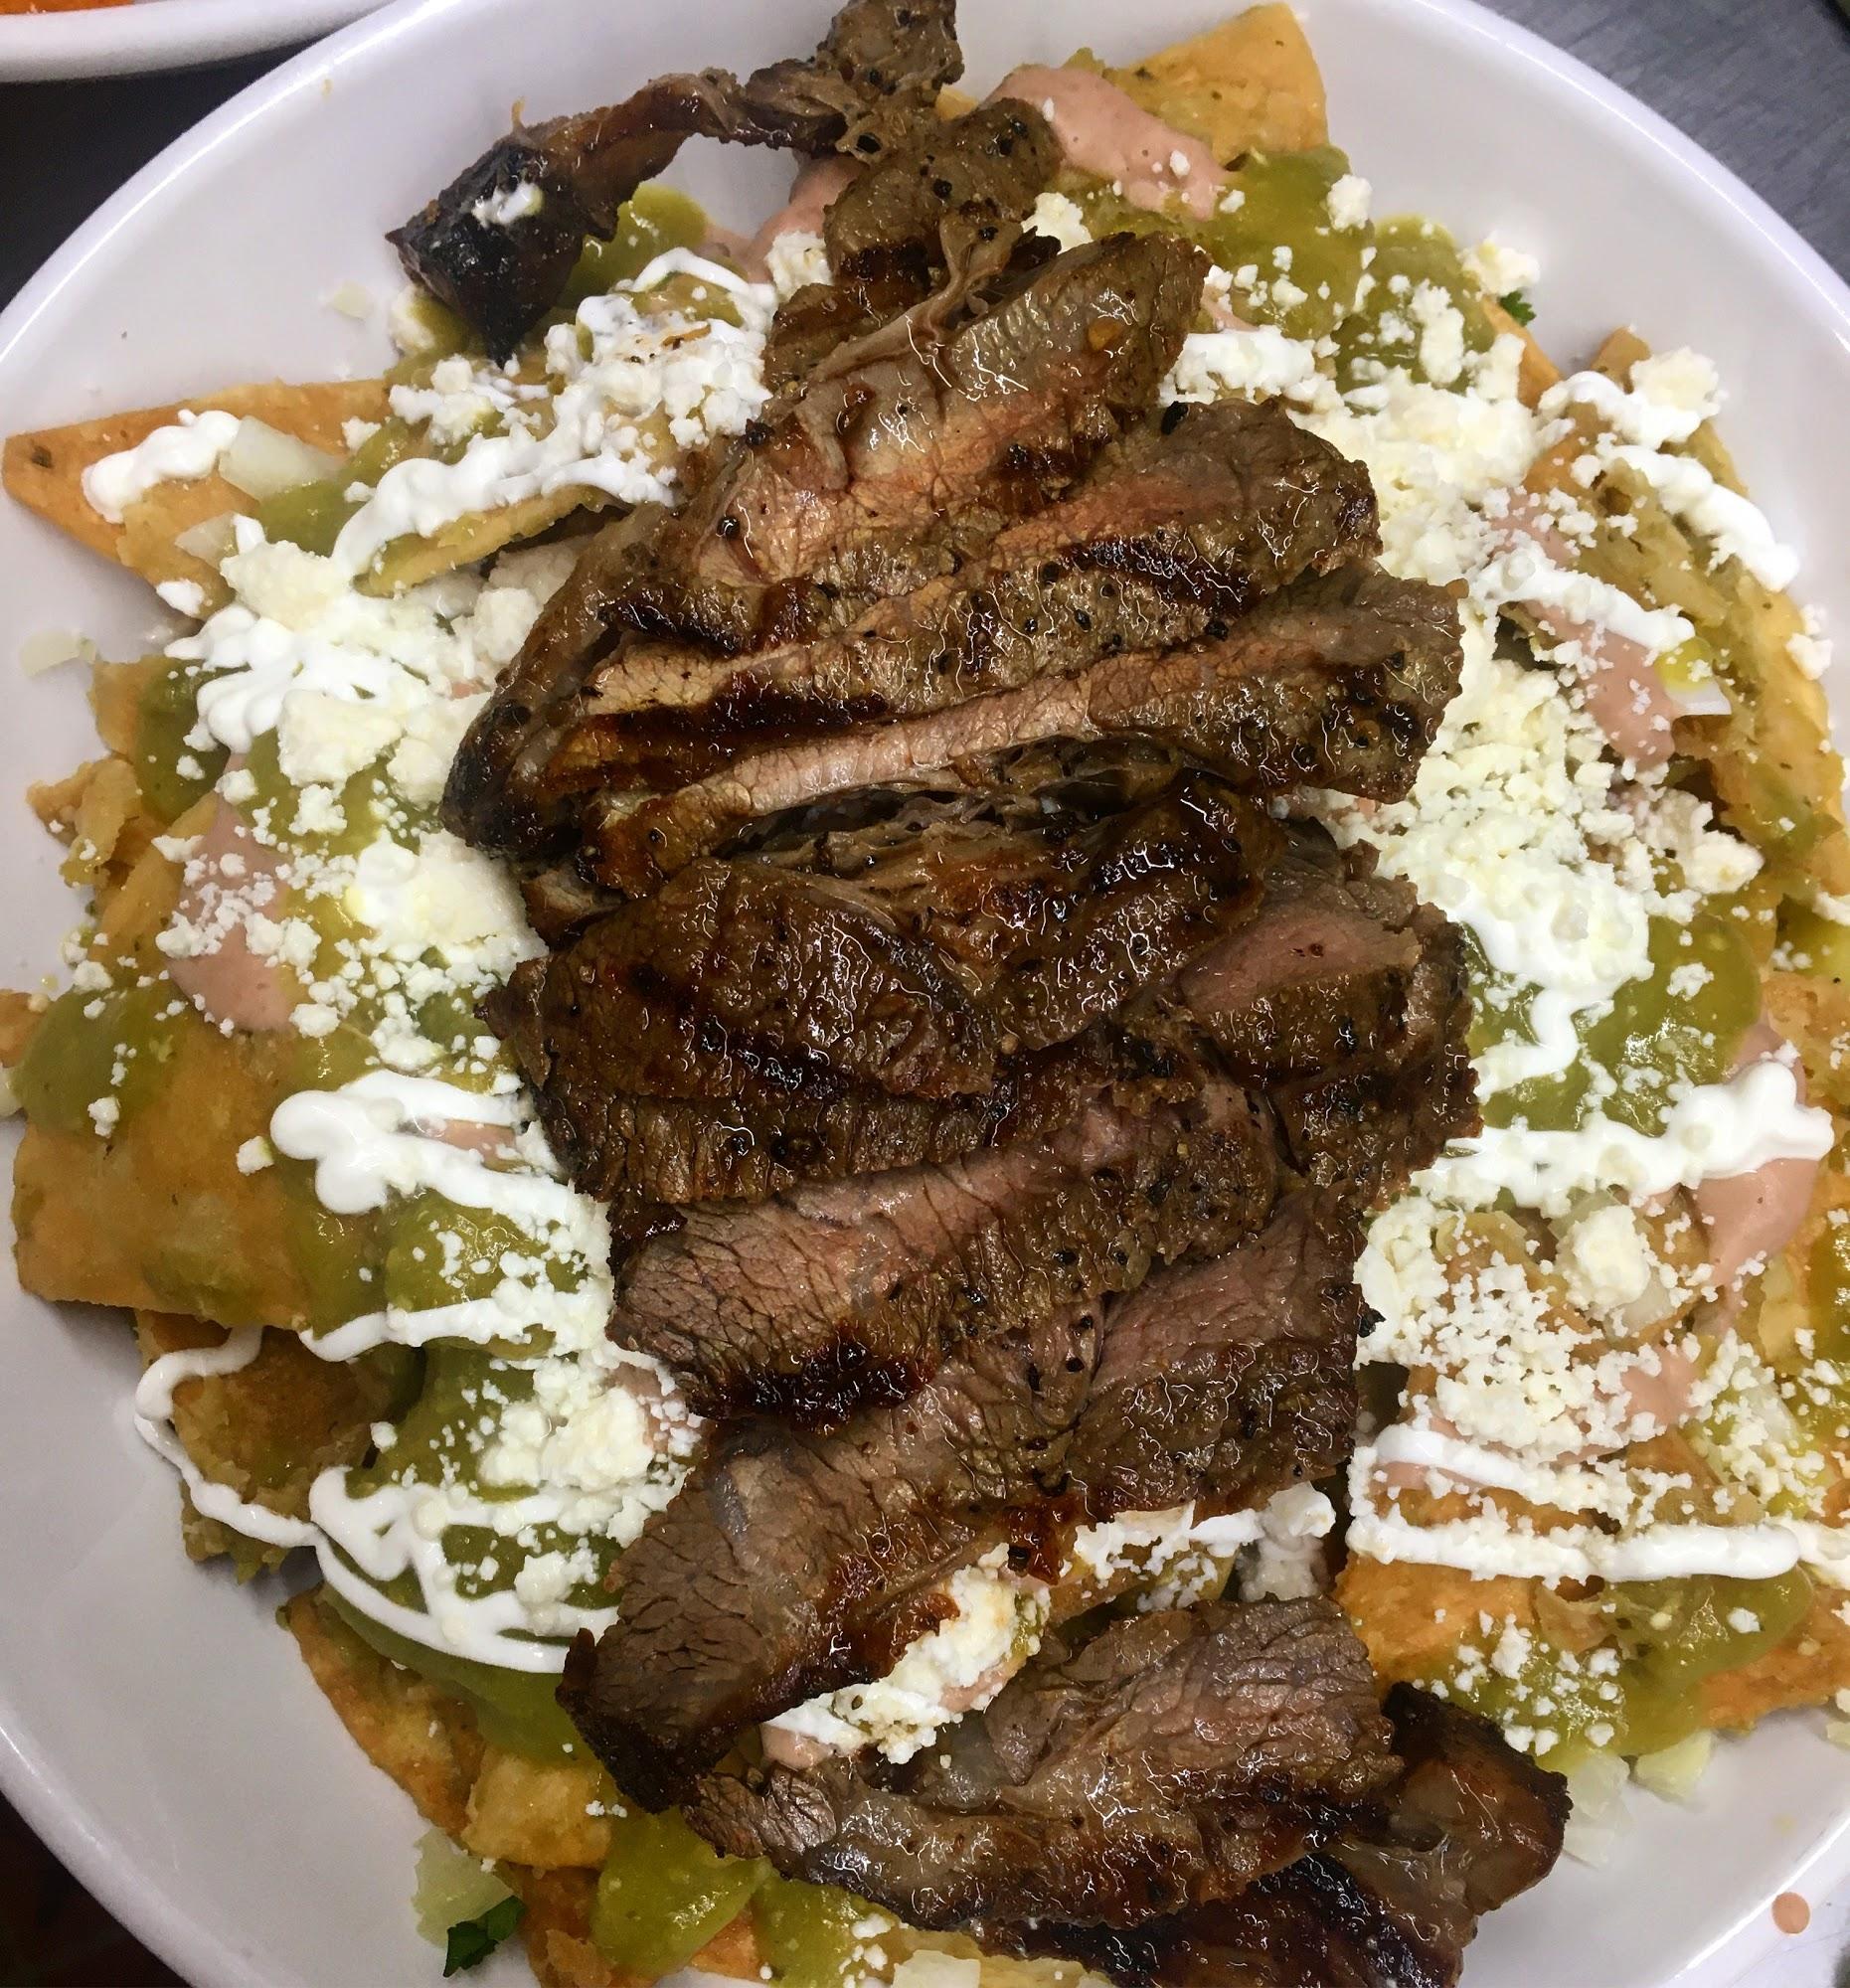 Avocado Fiesta Grill 134 E Park Ave, Merchantville